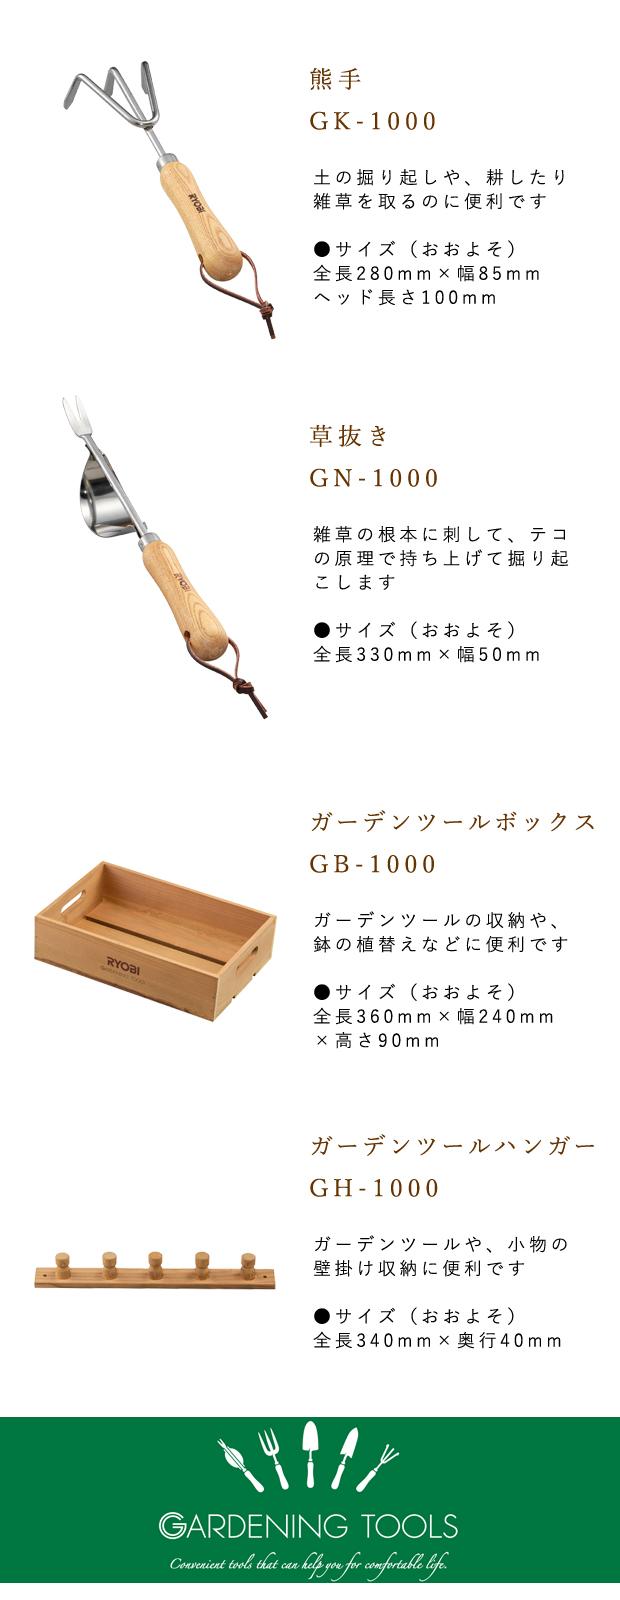 リョービ ガーデンツールキット GT-1050KT